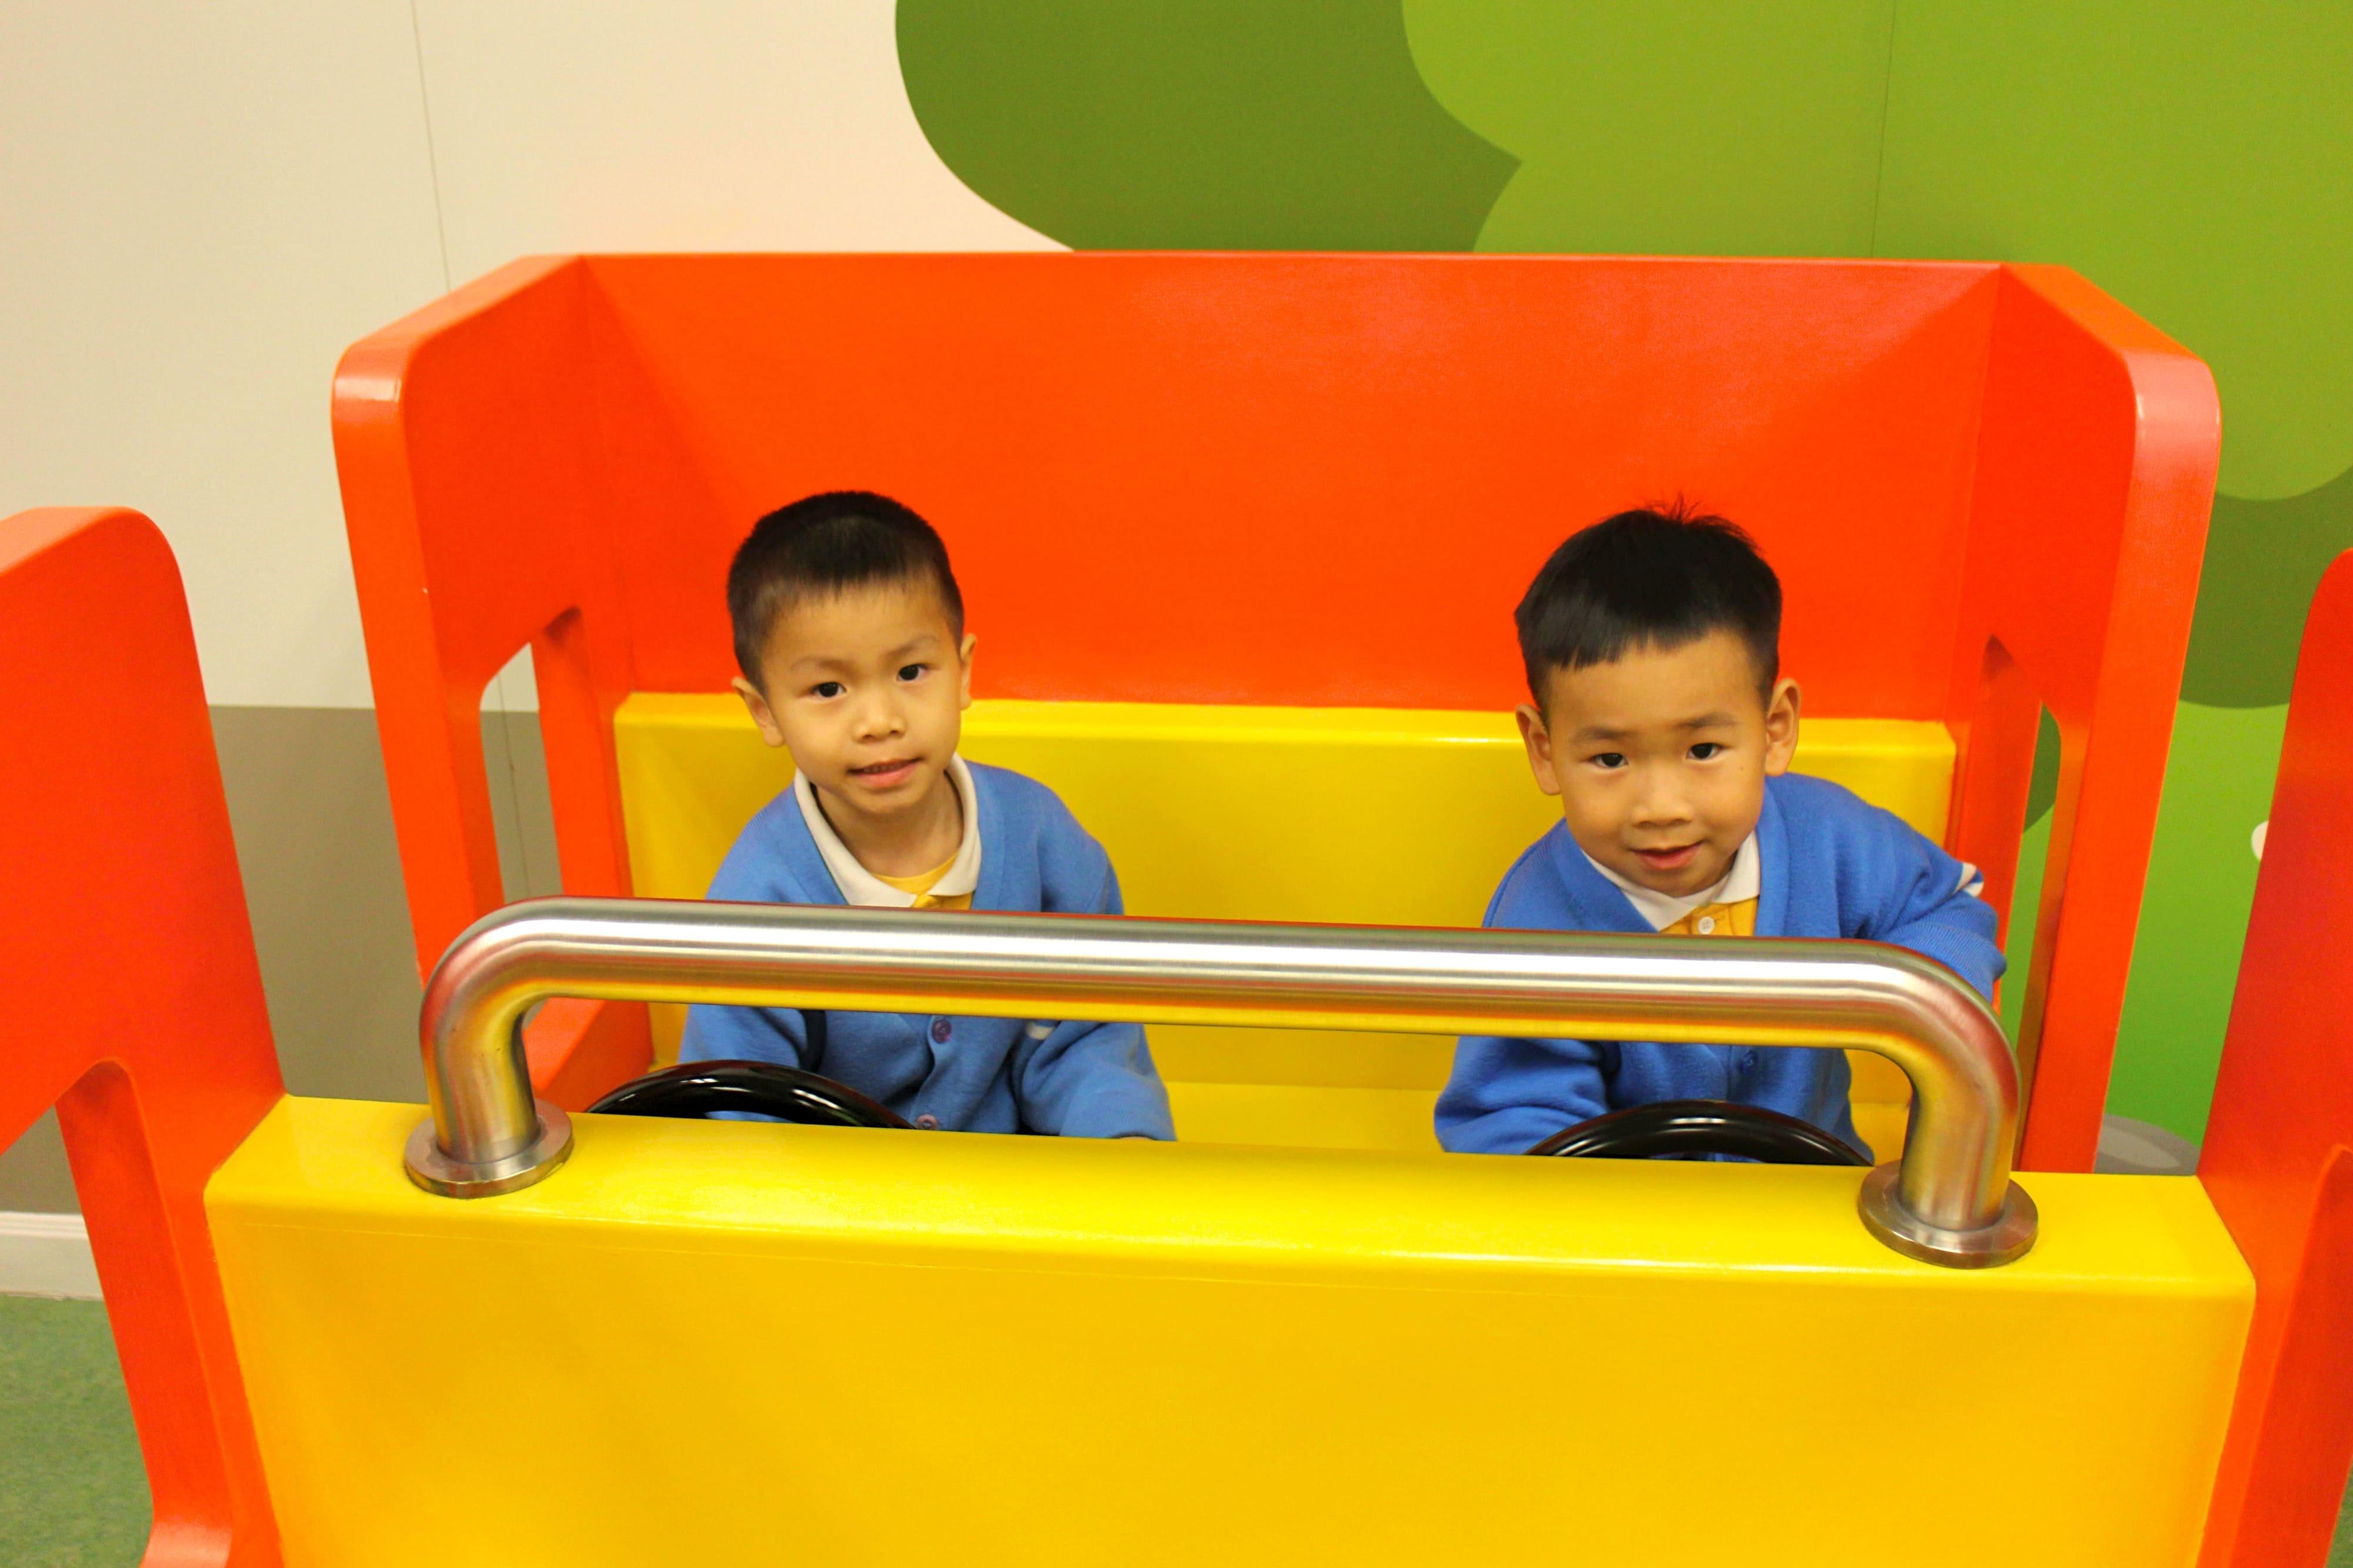 slide-19 slide